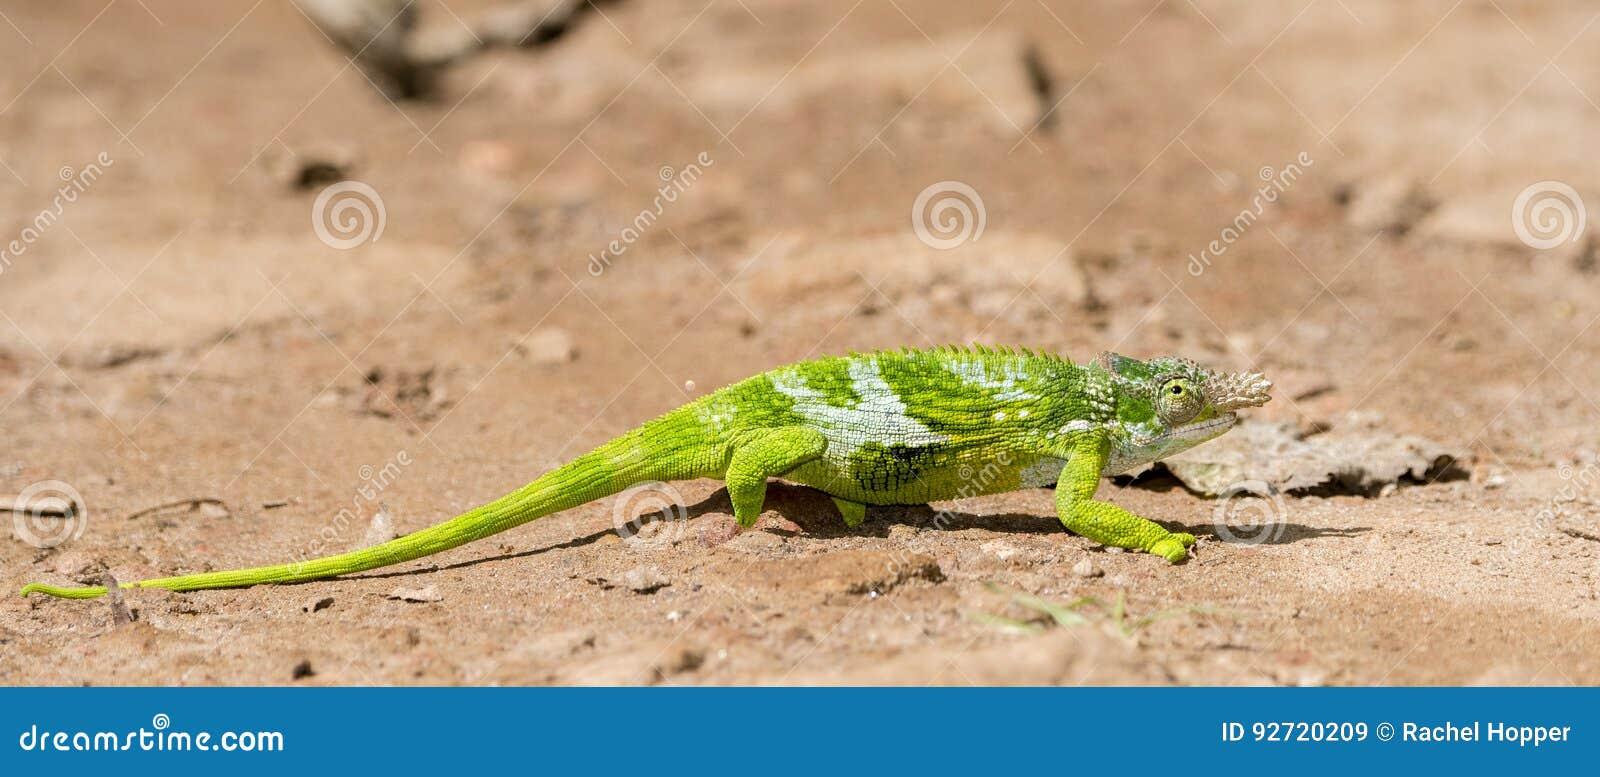 Endemisch & bedreigde multituberculata van het Kameleonkinyongia van Usambara twee-Gehoornde in Tanzania